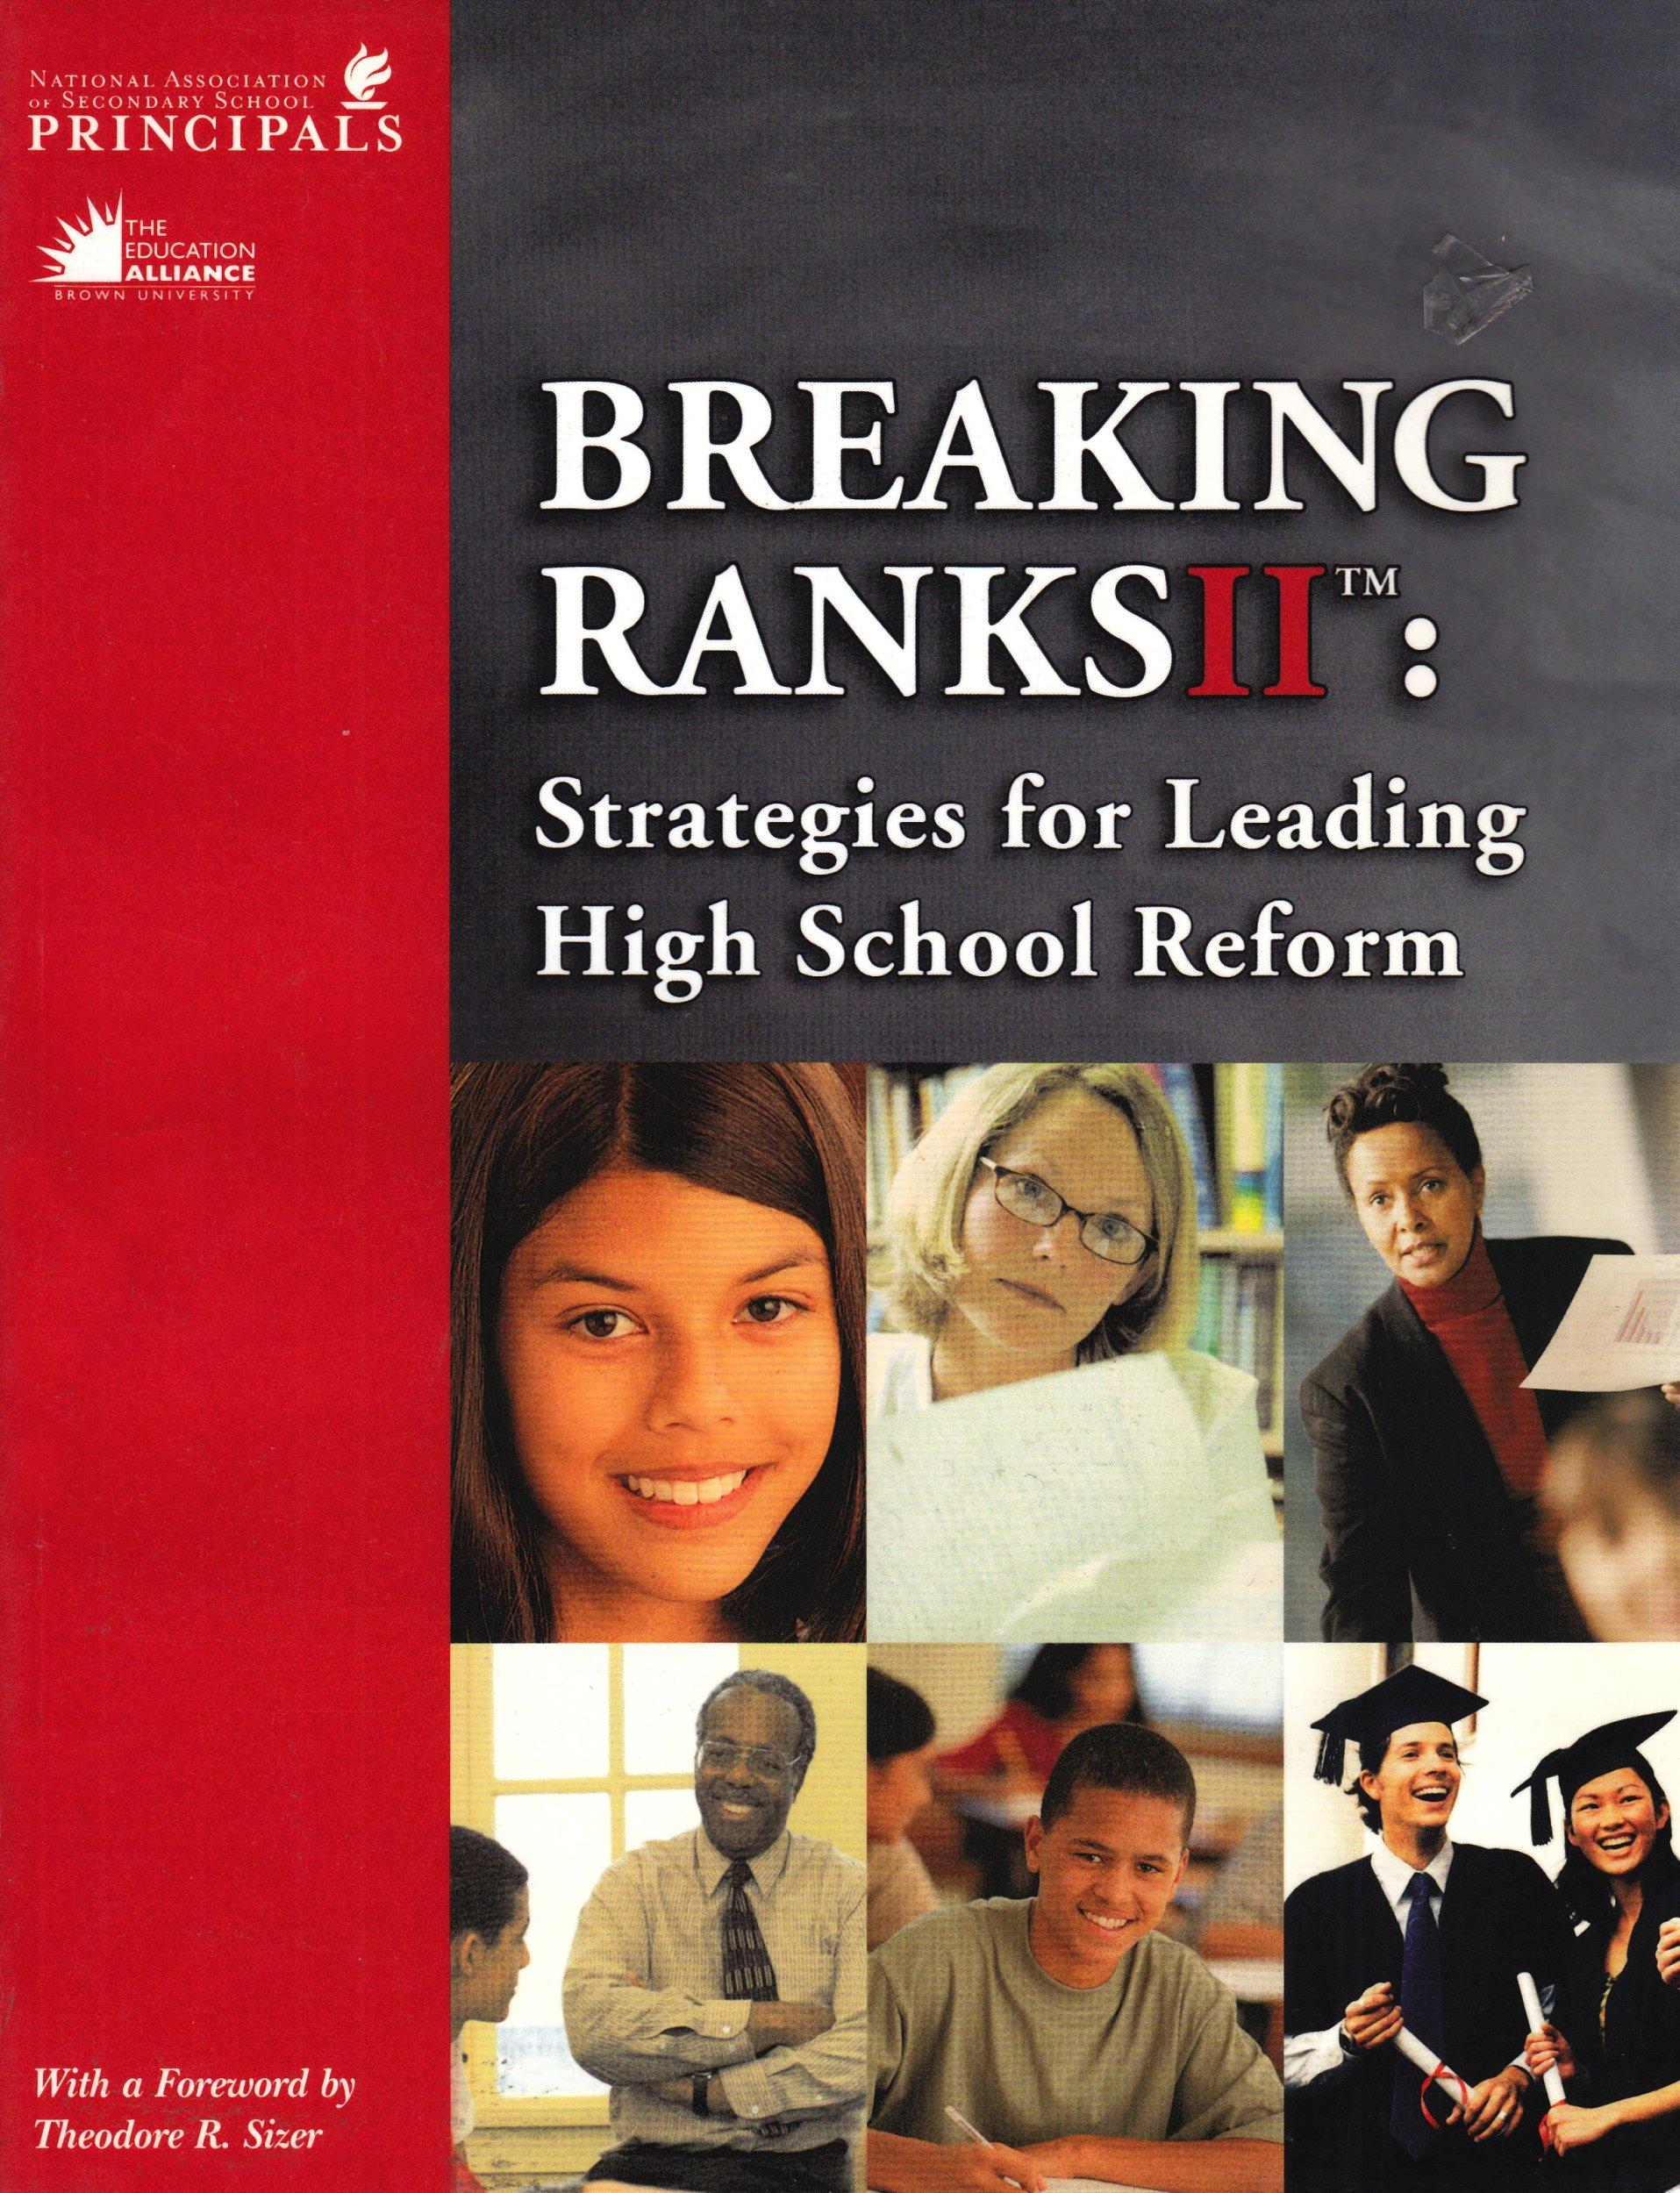 Breaking Ranks II: Strategies for Leading High School Reform pdf